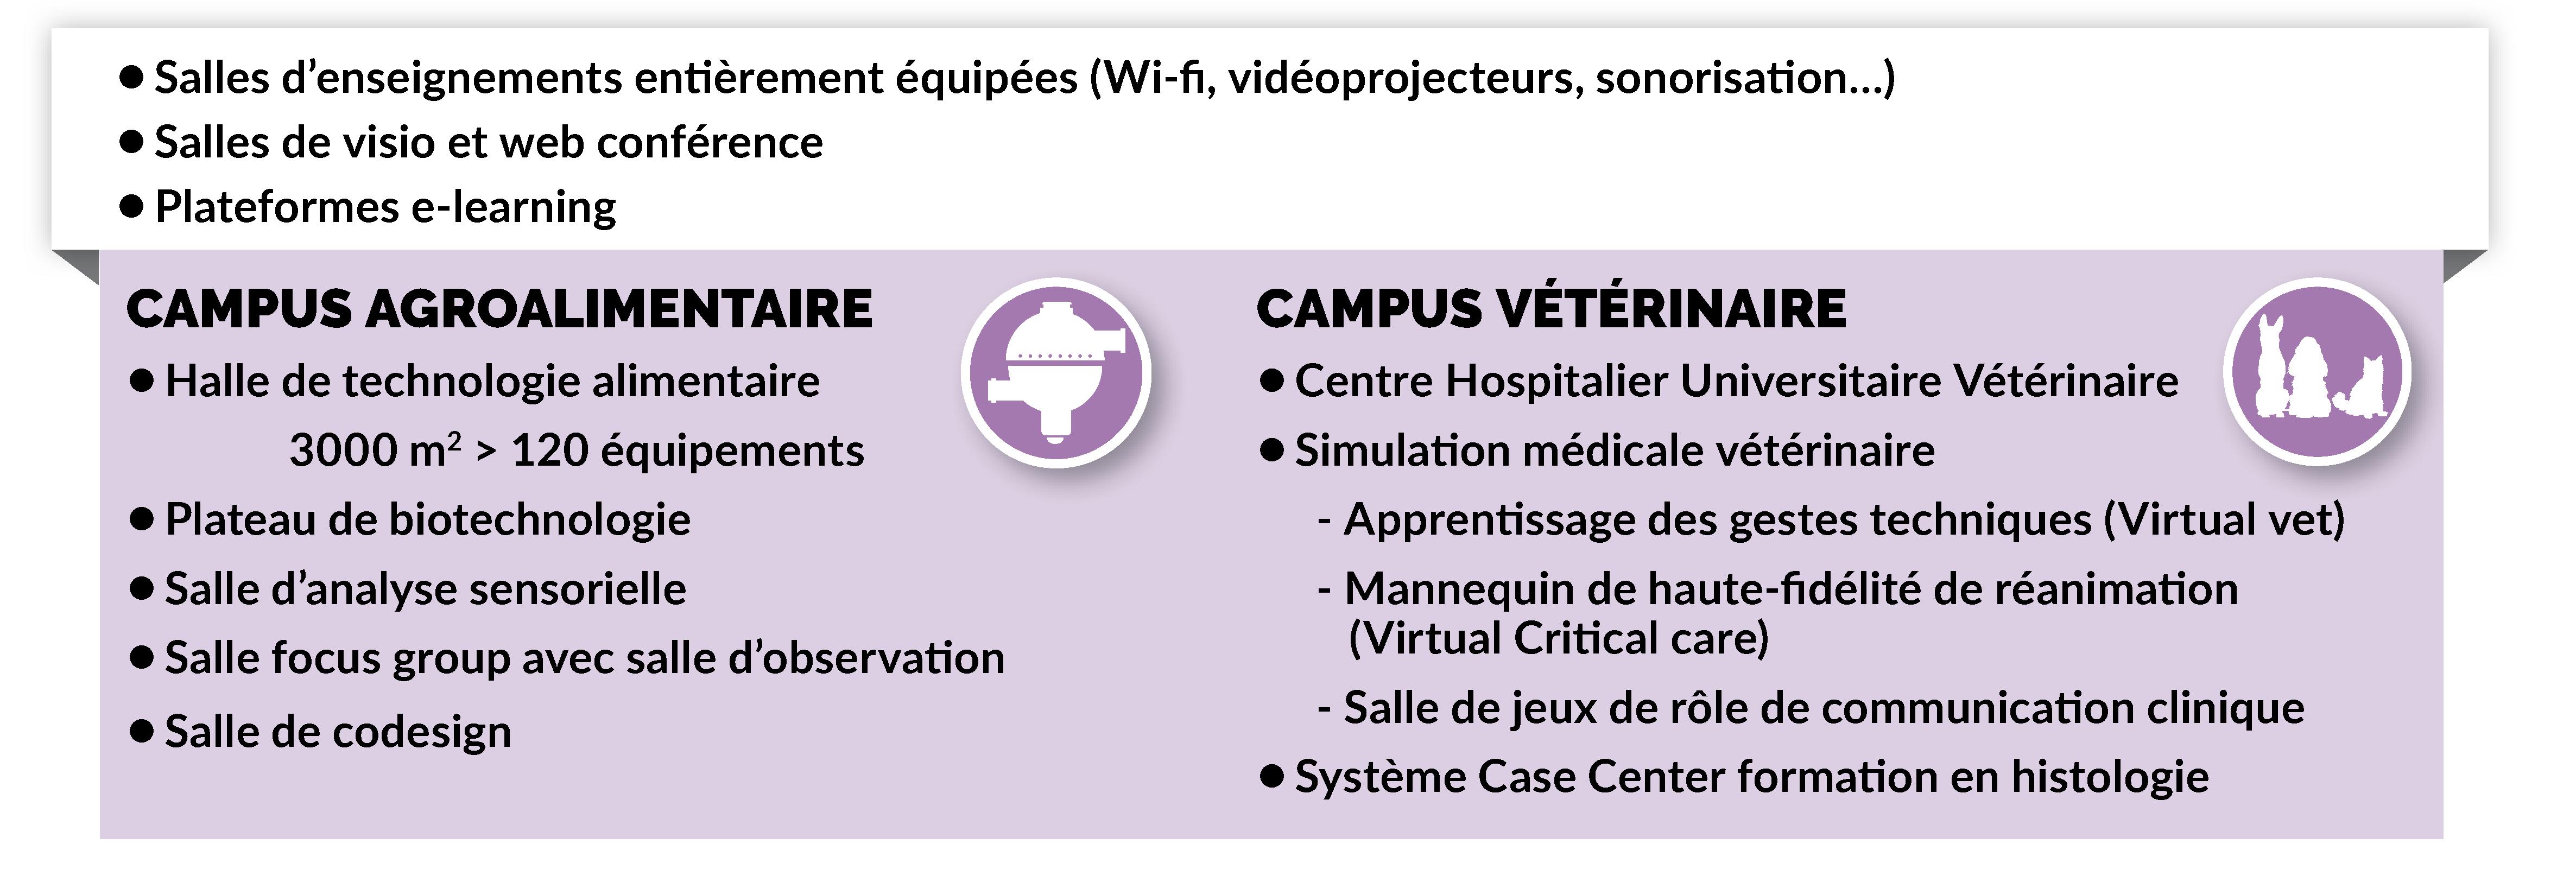 equipements-pedagogiques-oniris